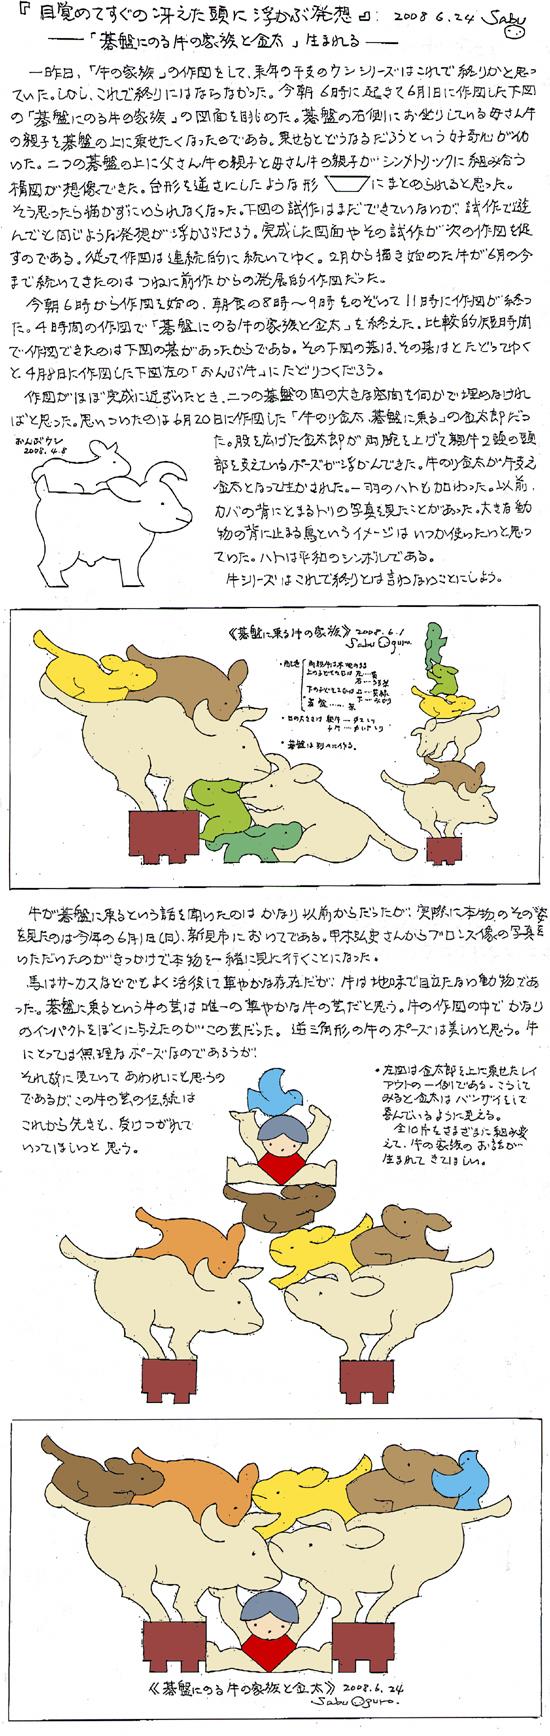 小黒三郎ブログ画像080624.jpg